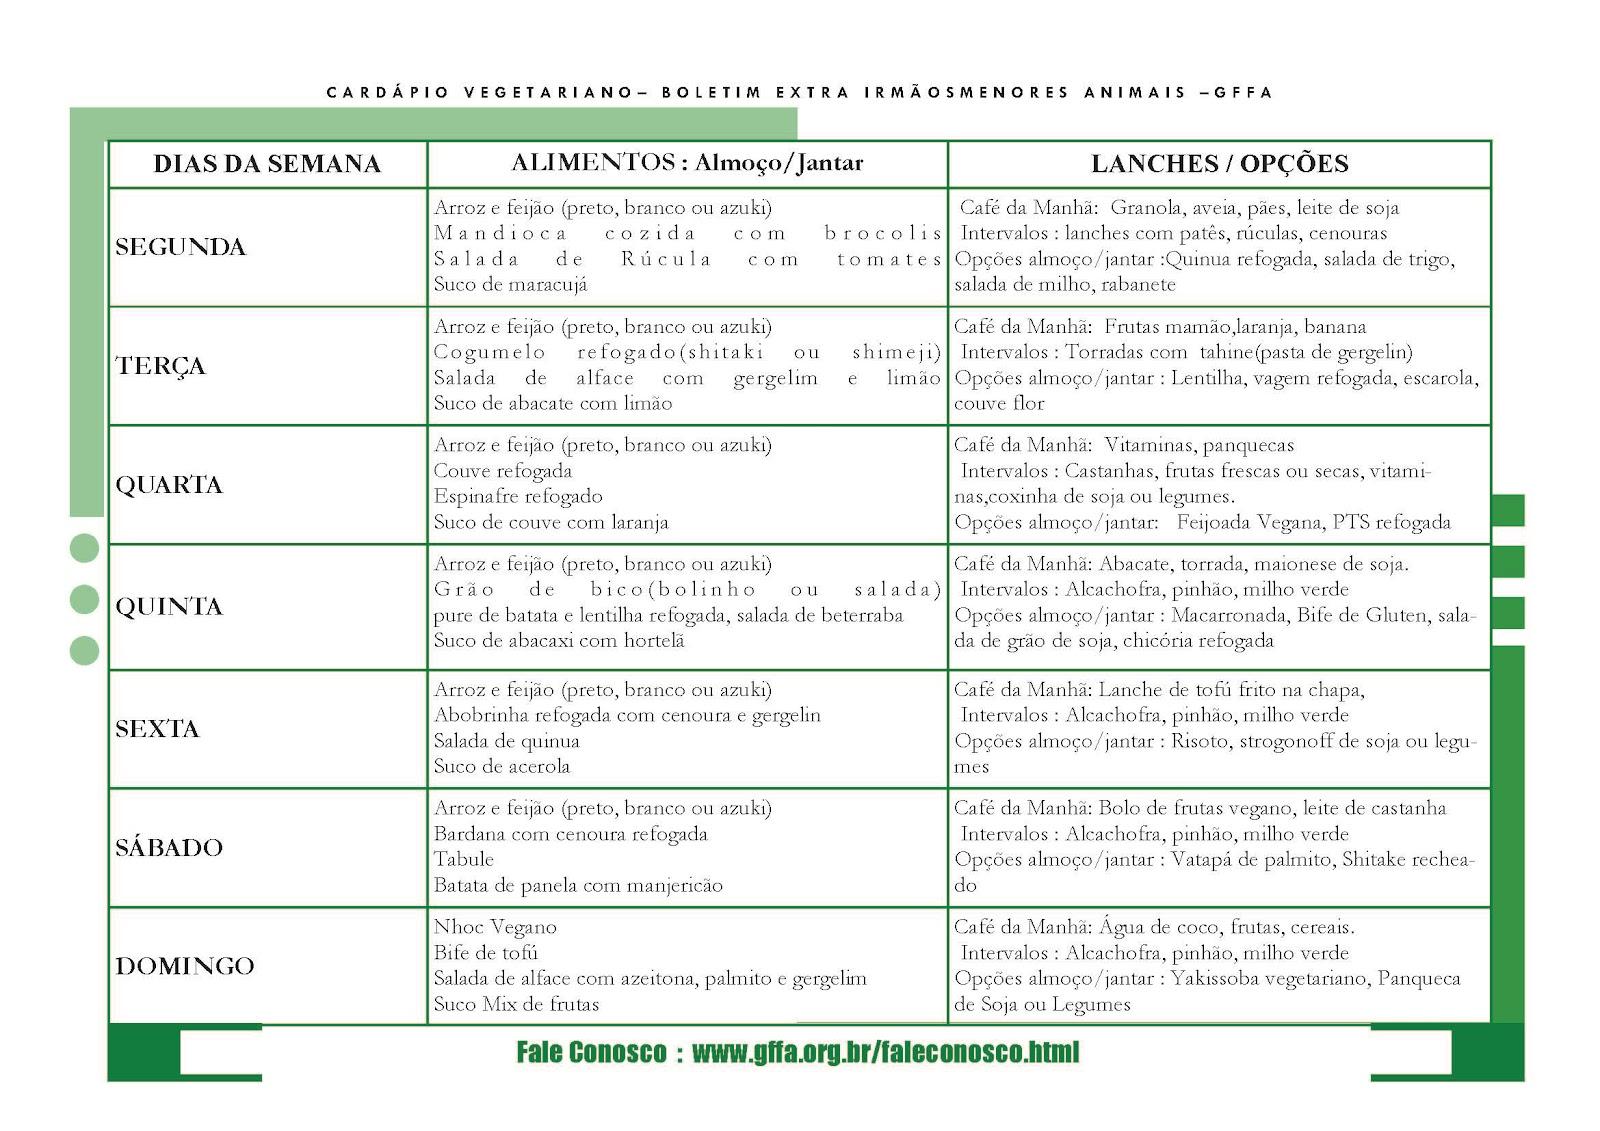 Para baixar o Cardápio em PDF clique aqui: Cardápio Vegetariano ...